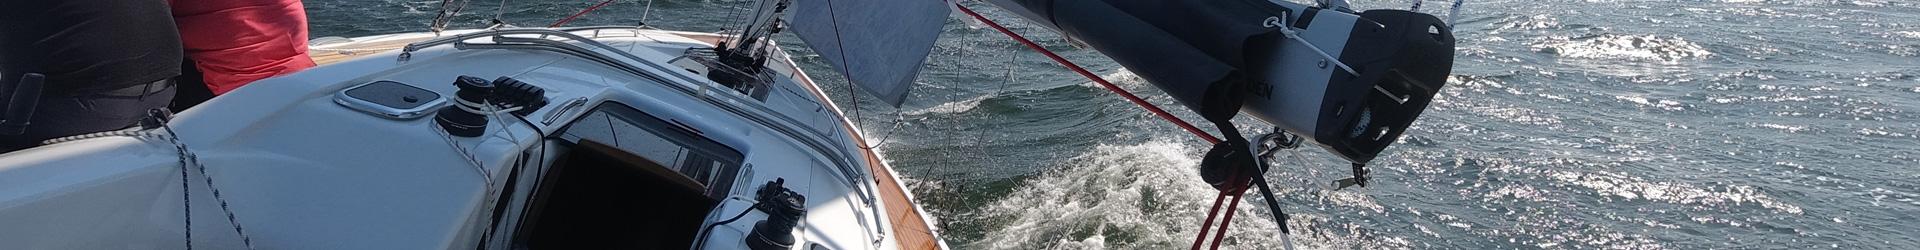 Harken Vang Master Technical Data - MAURIPRO Sailing